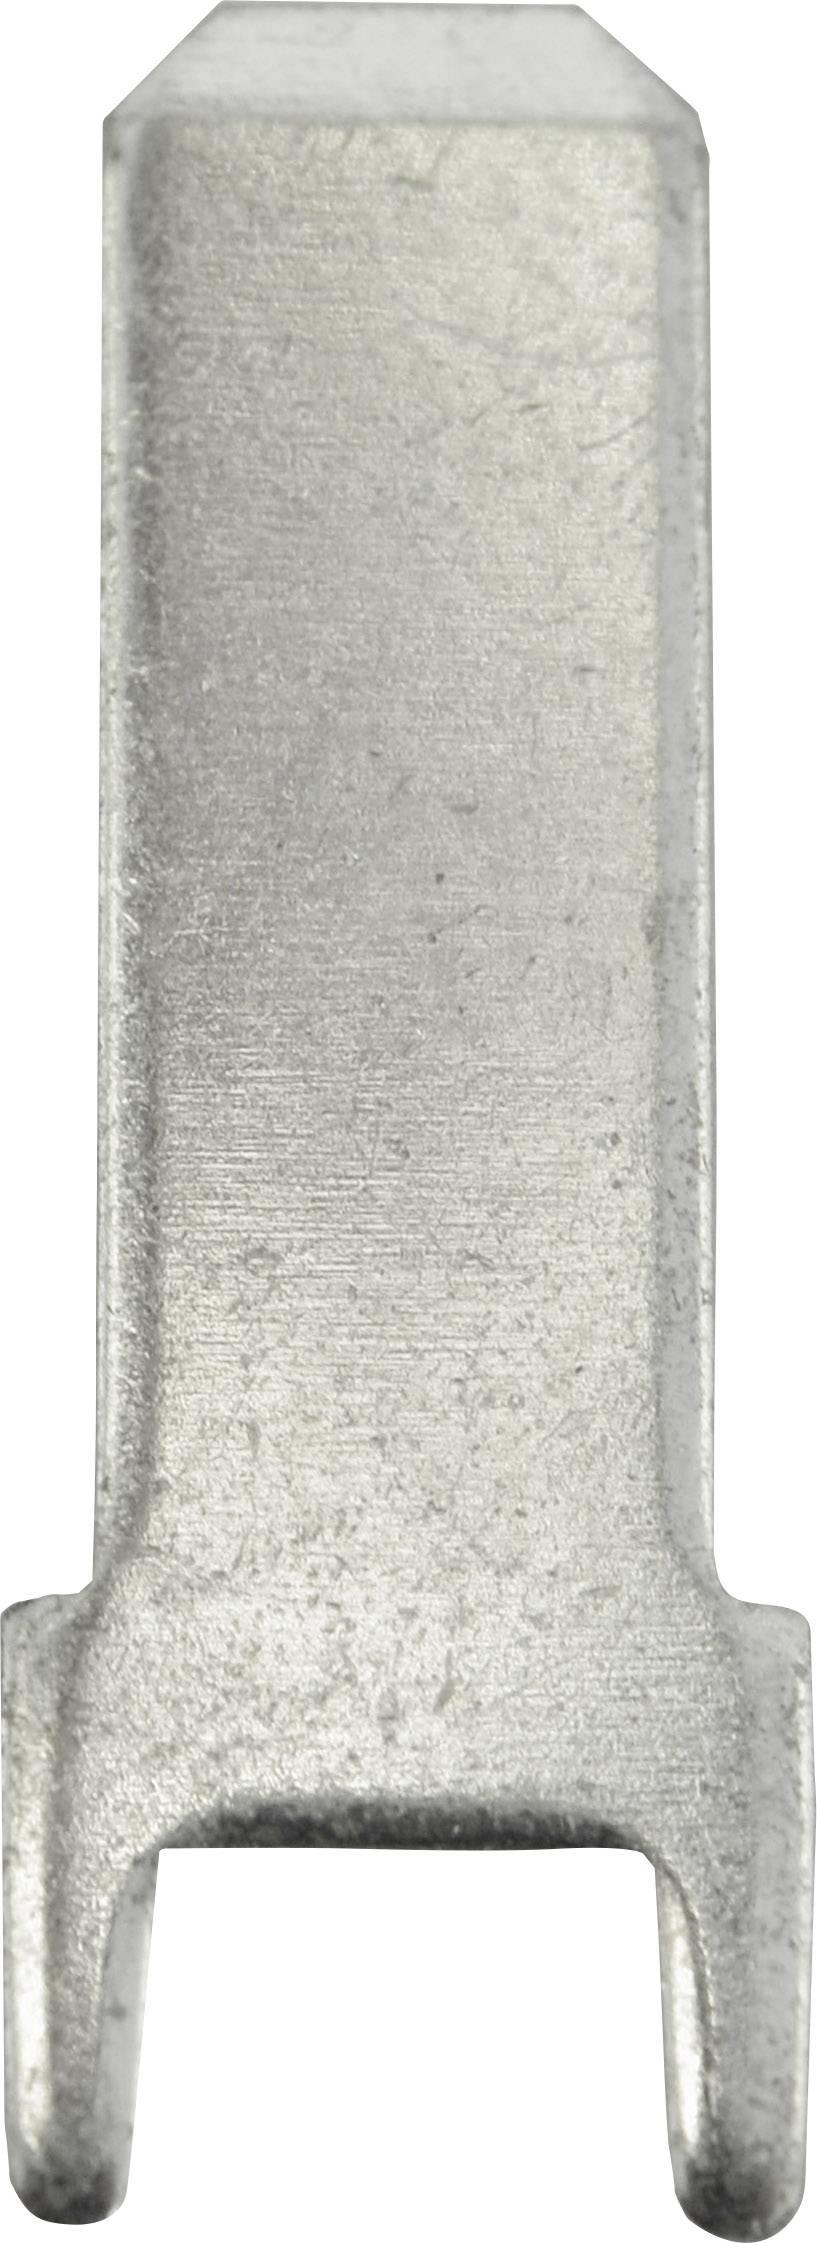 Faston zástrčka Vogt Verbindungstechnik 3825z.68 4.8 mm x 0.8 mm, 180 °, bez izolace, kov, 100 ks